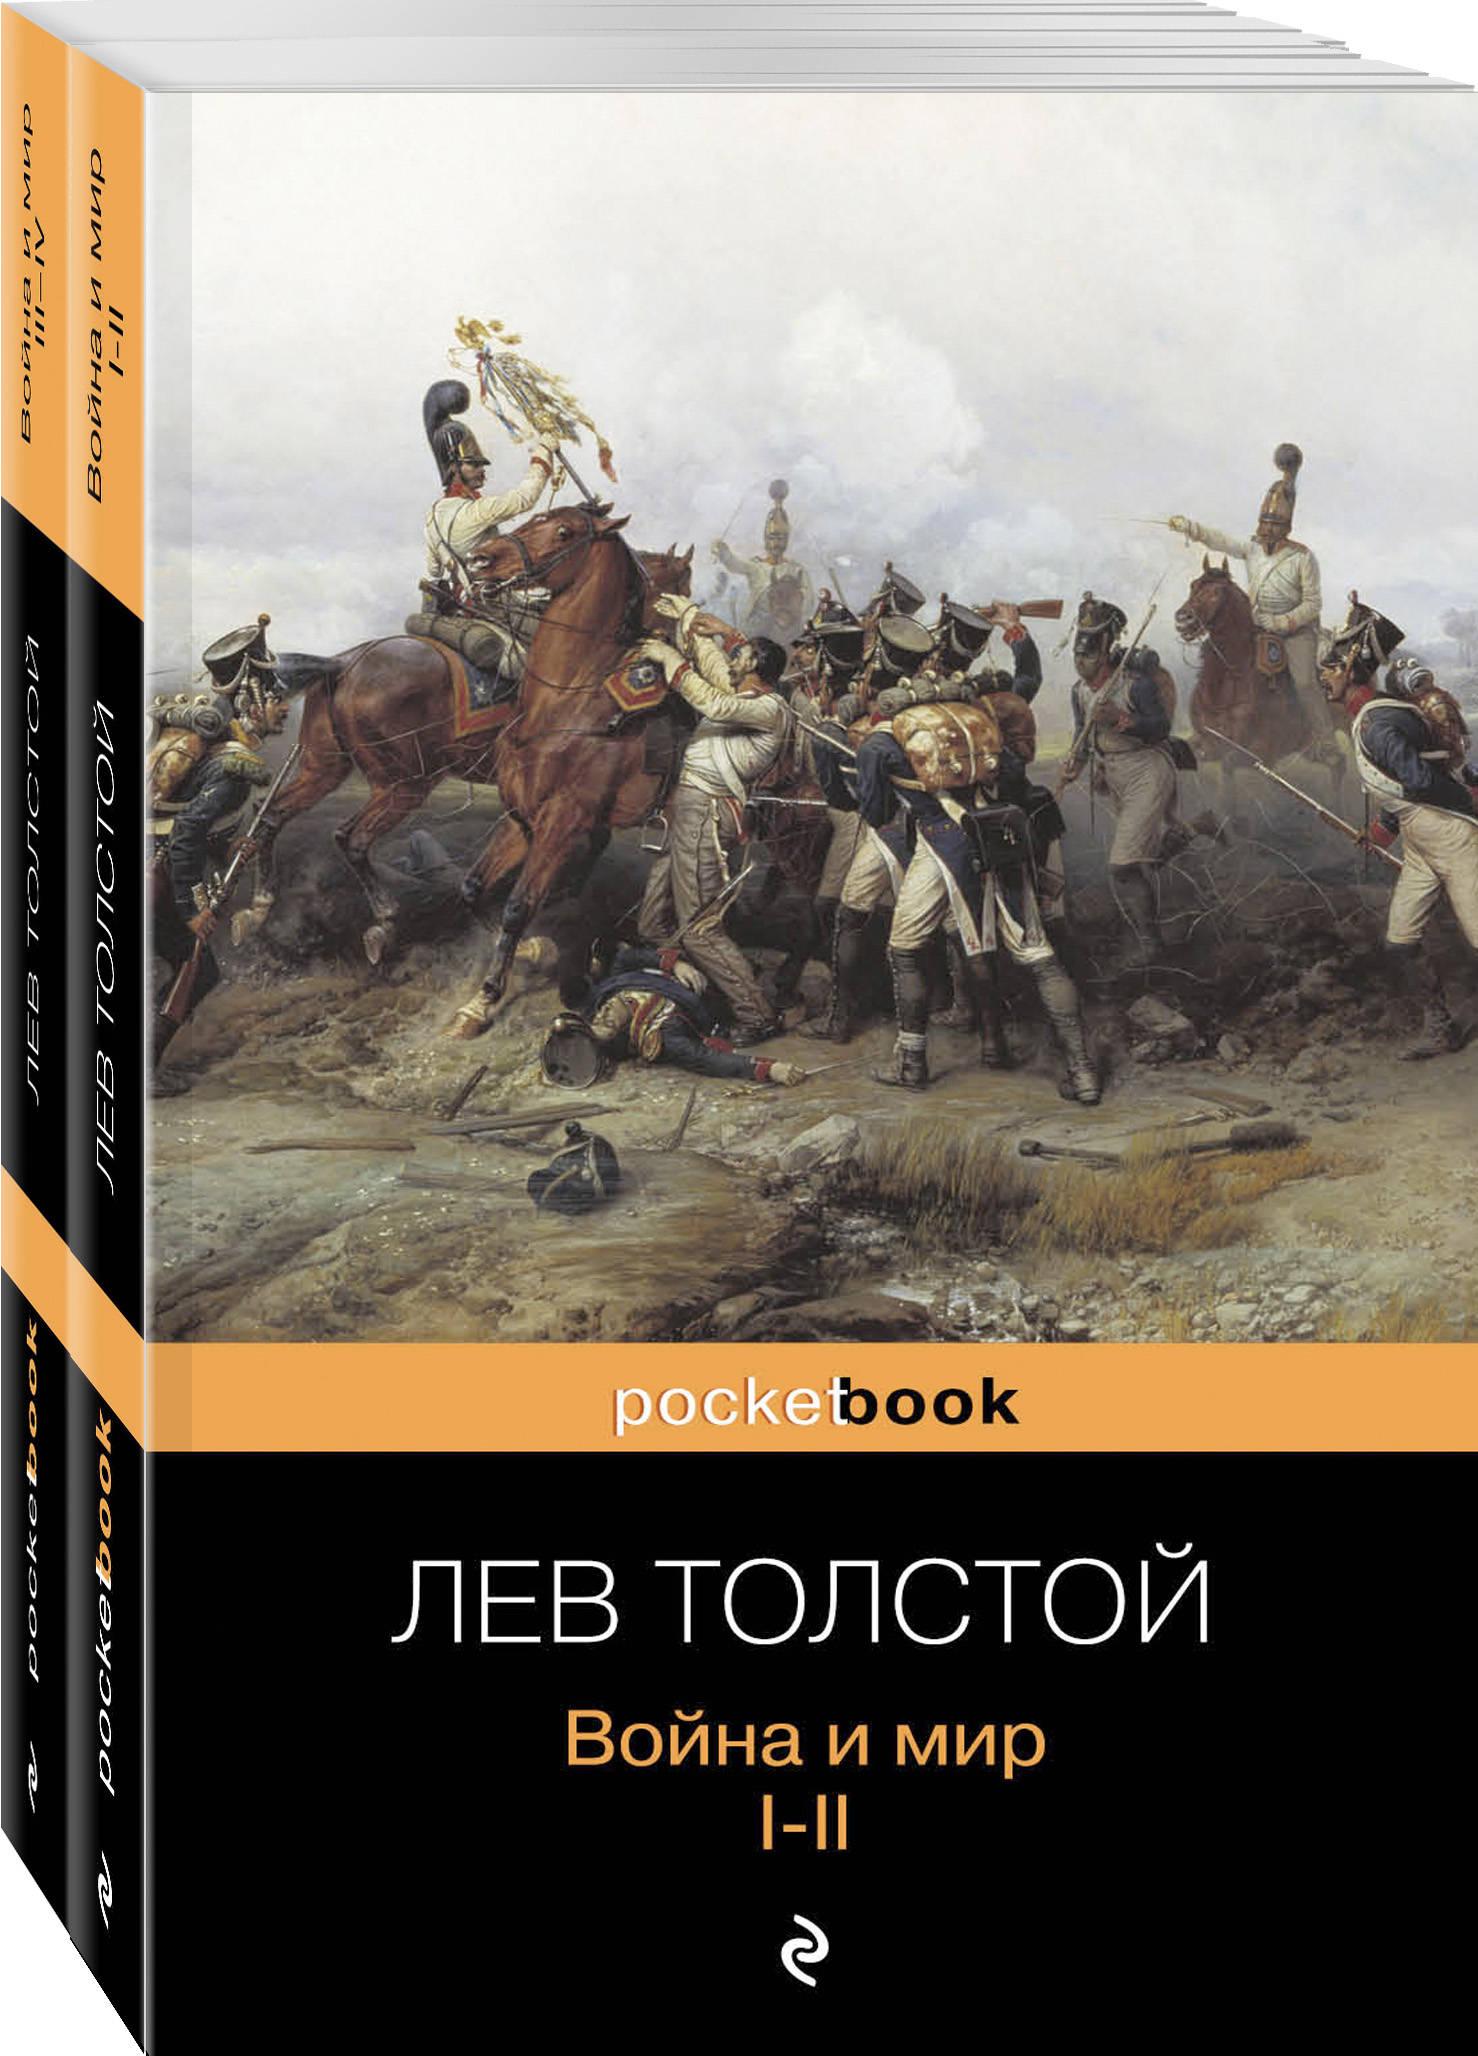 Толстой Л.Н.. Война и мир (комплект из 2-х книг)